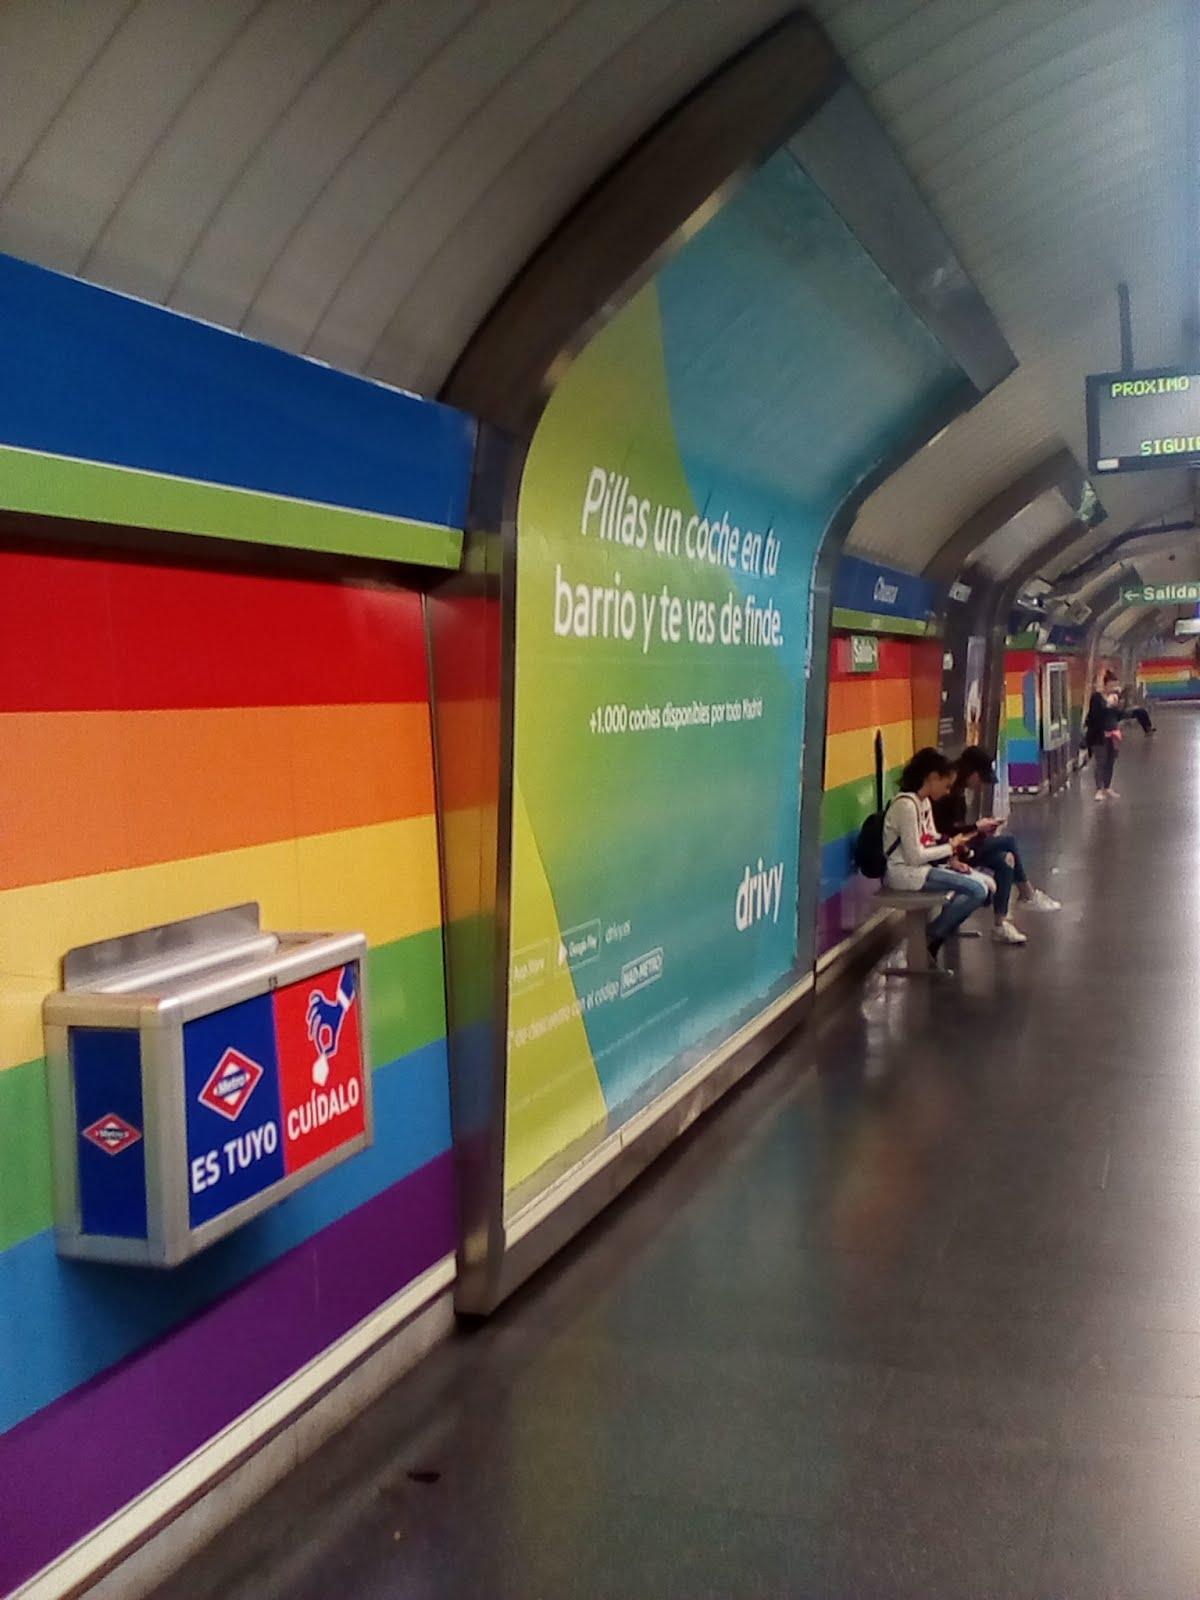 Μadrid gay metro station Sueca